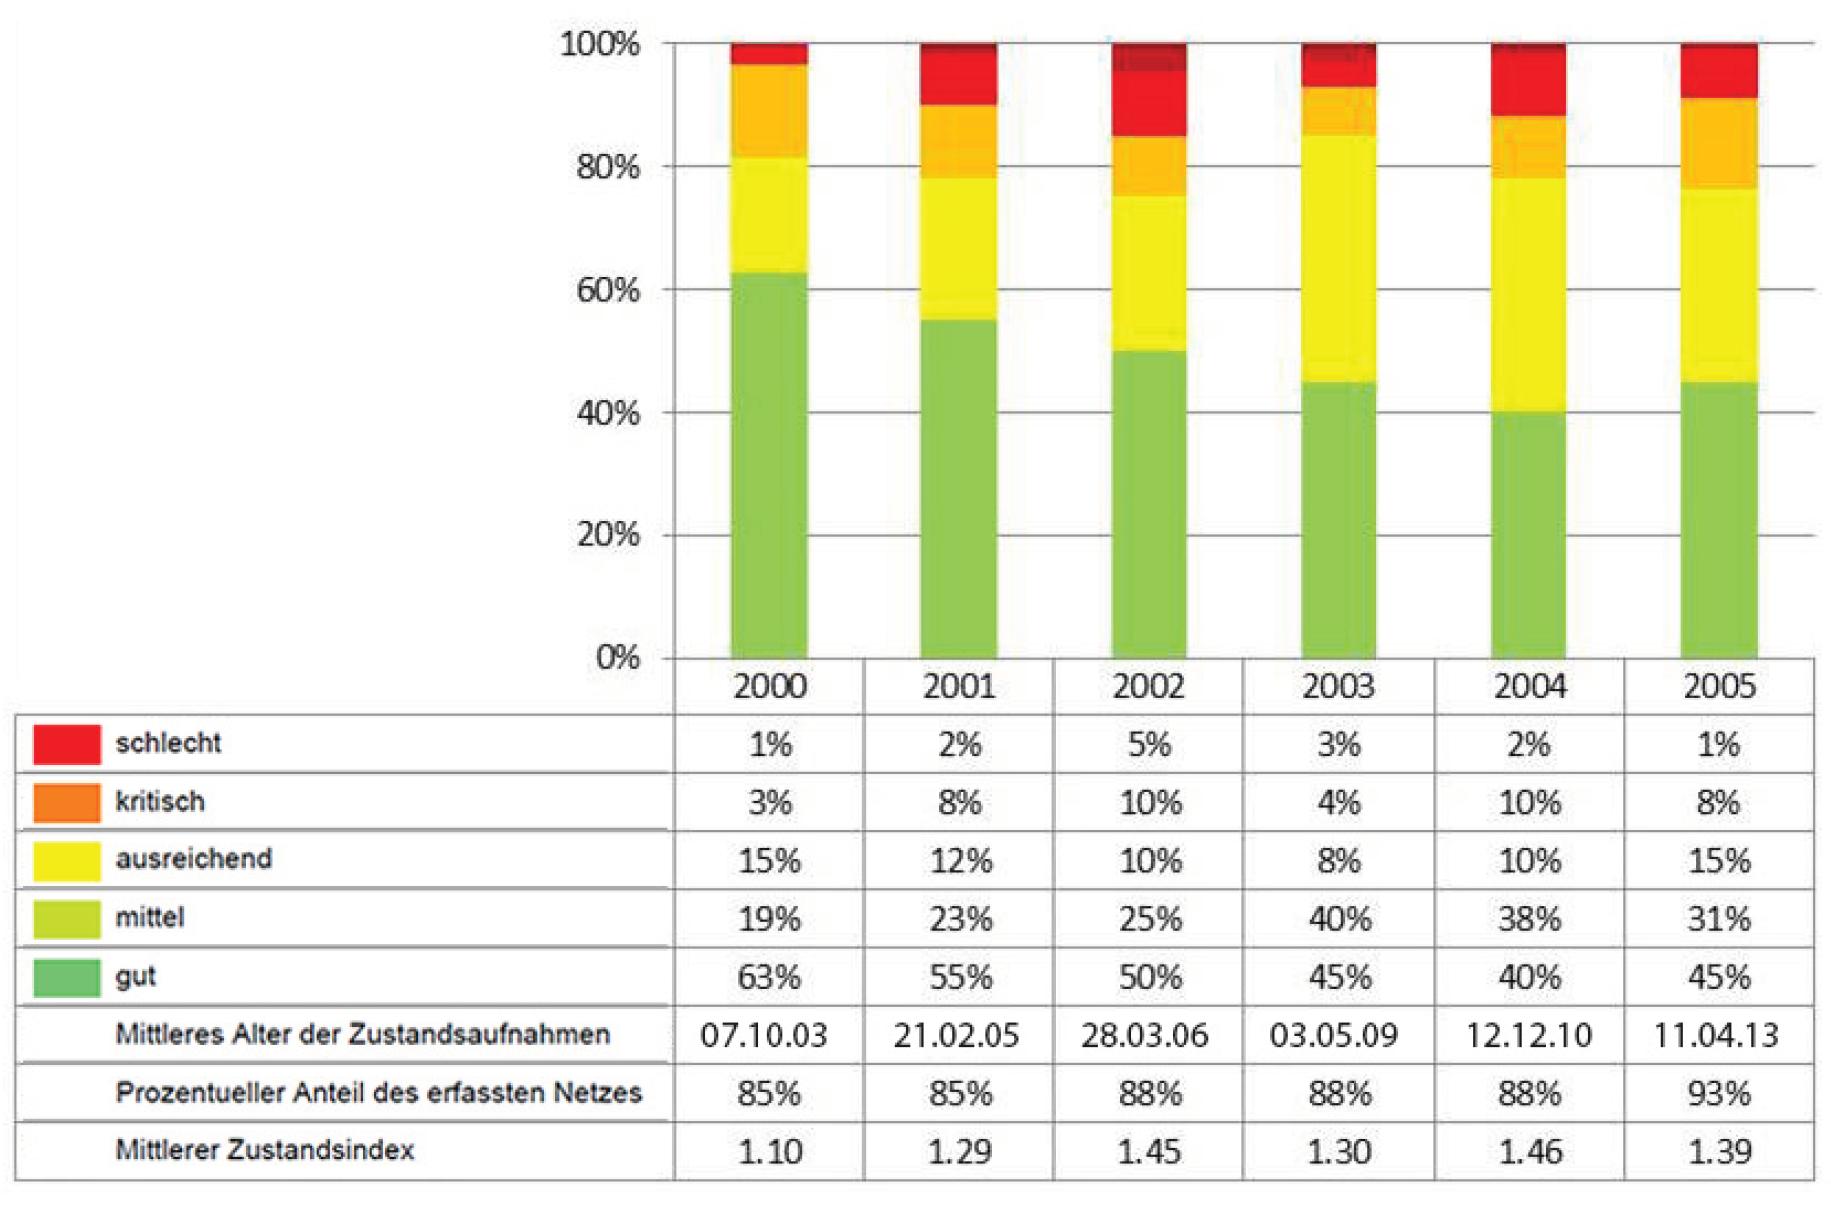 Darstellung der Zustandsentwicklung der Fahrbahnen in einer Beispielgemeinde.